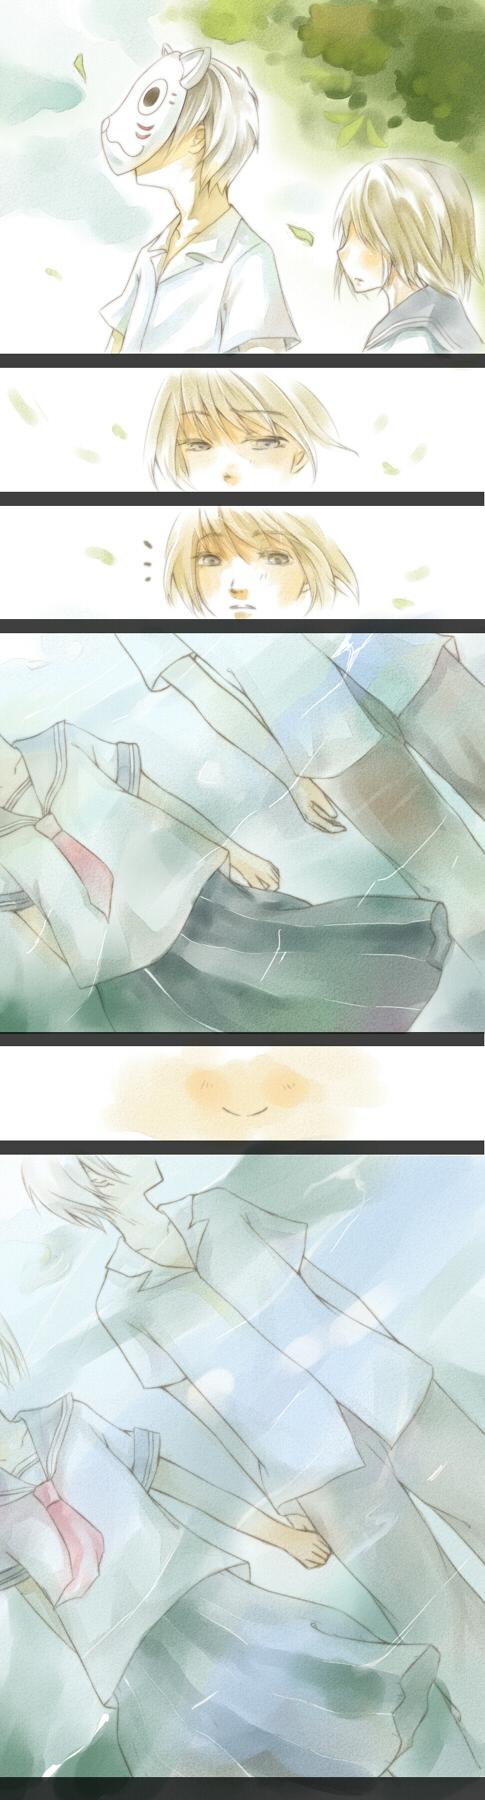 Hotarubi No Mori E Anime Love Anime Movies Anime